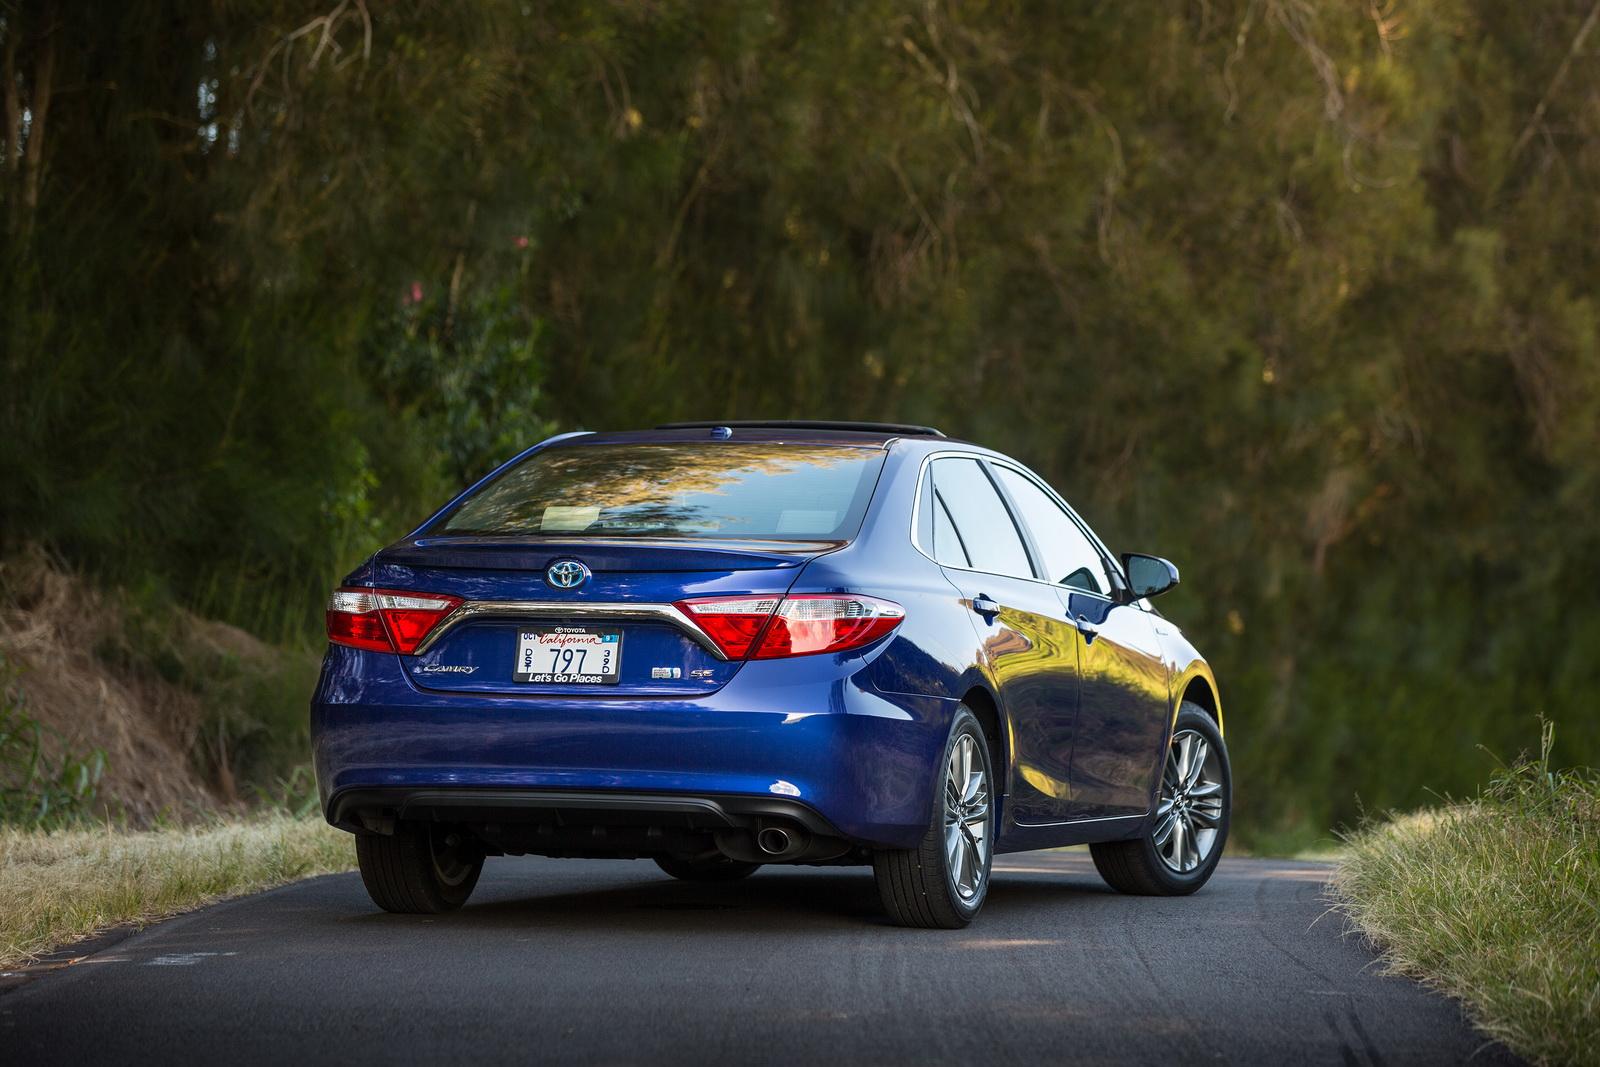 Toyota Camry 2017 gia bao nhiêu? Đánh giá xe Camry 2017